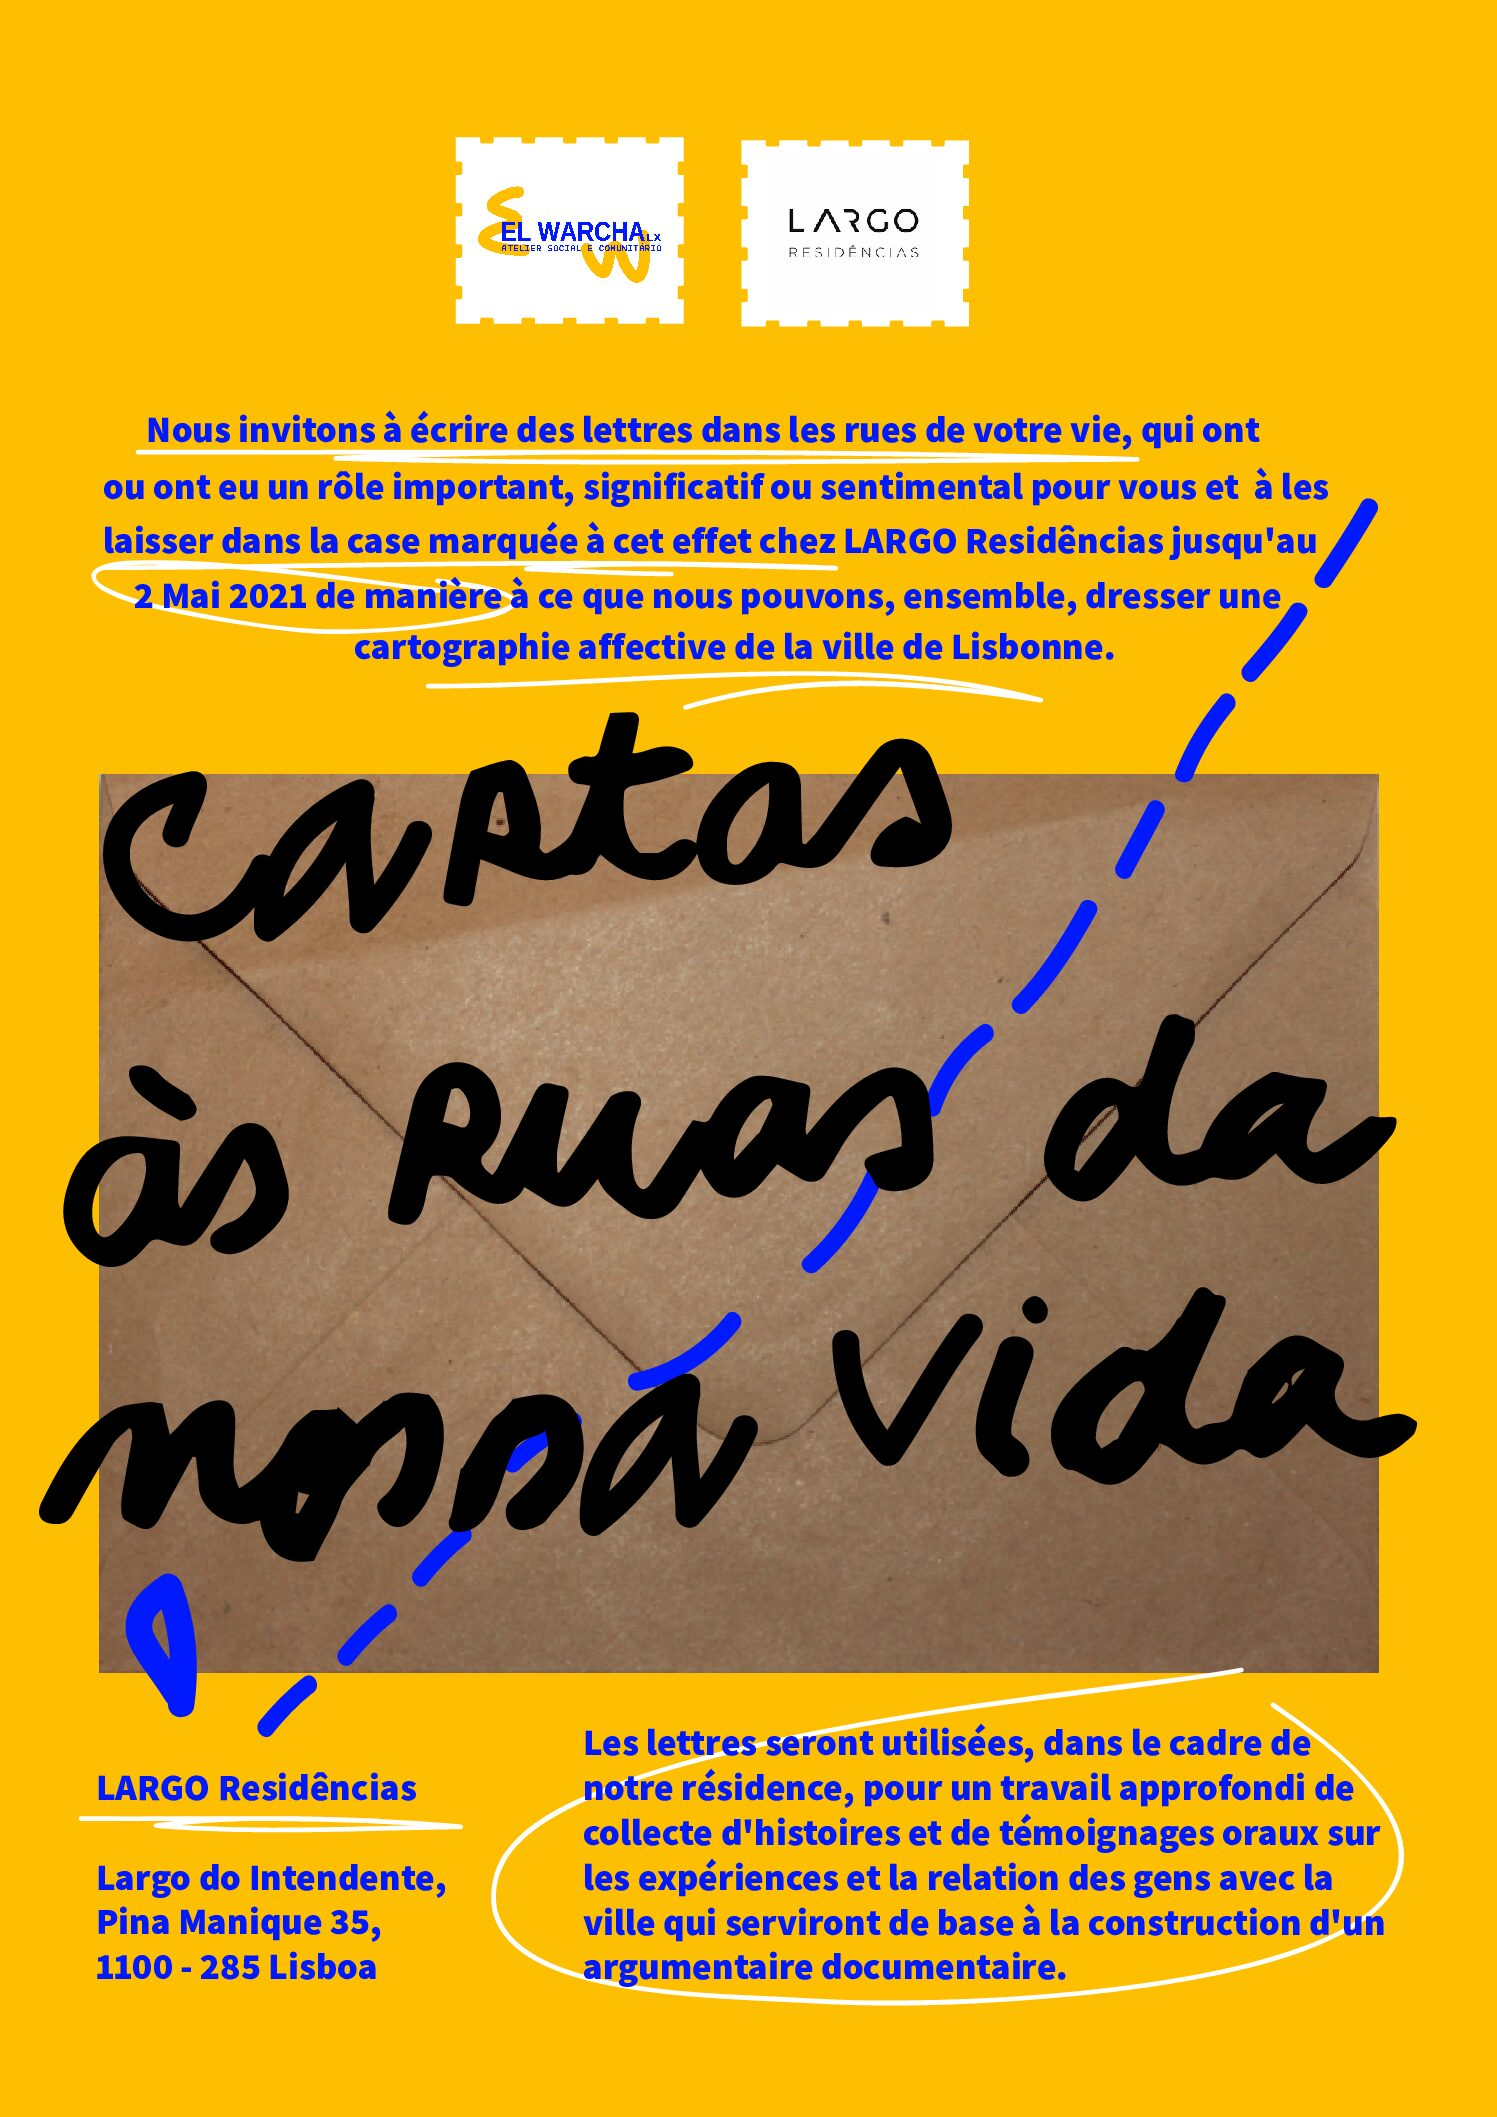 postercartas_FR(1)